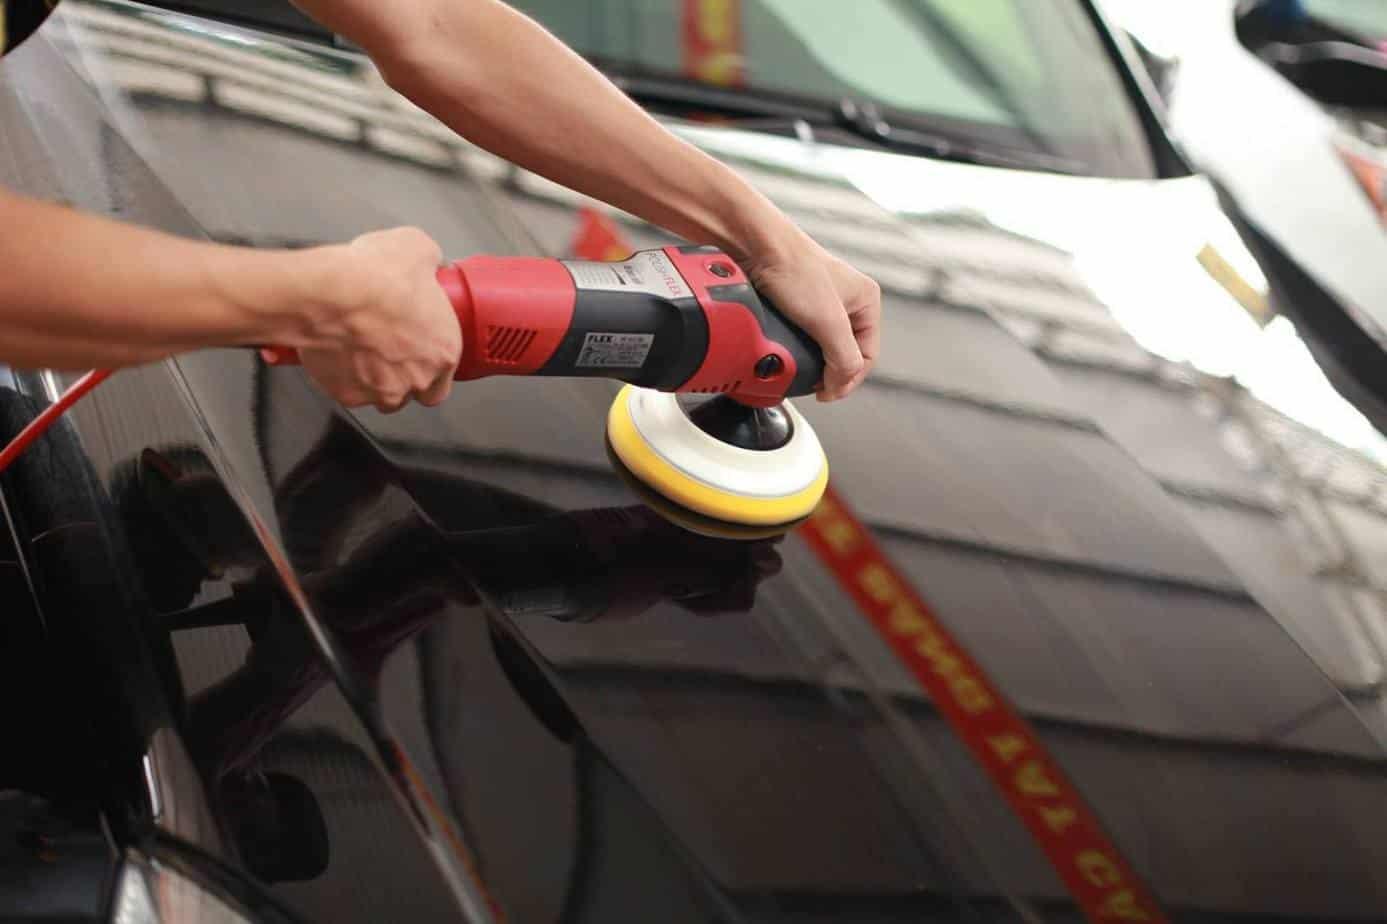 Chủ xe nên đánh bóng ngoại thất xe ô tô khi xe có các vết trầy xước